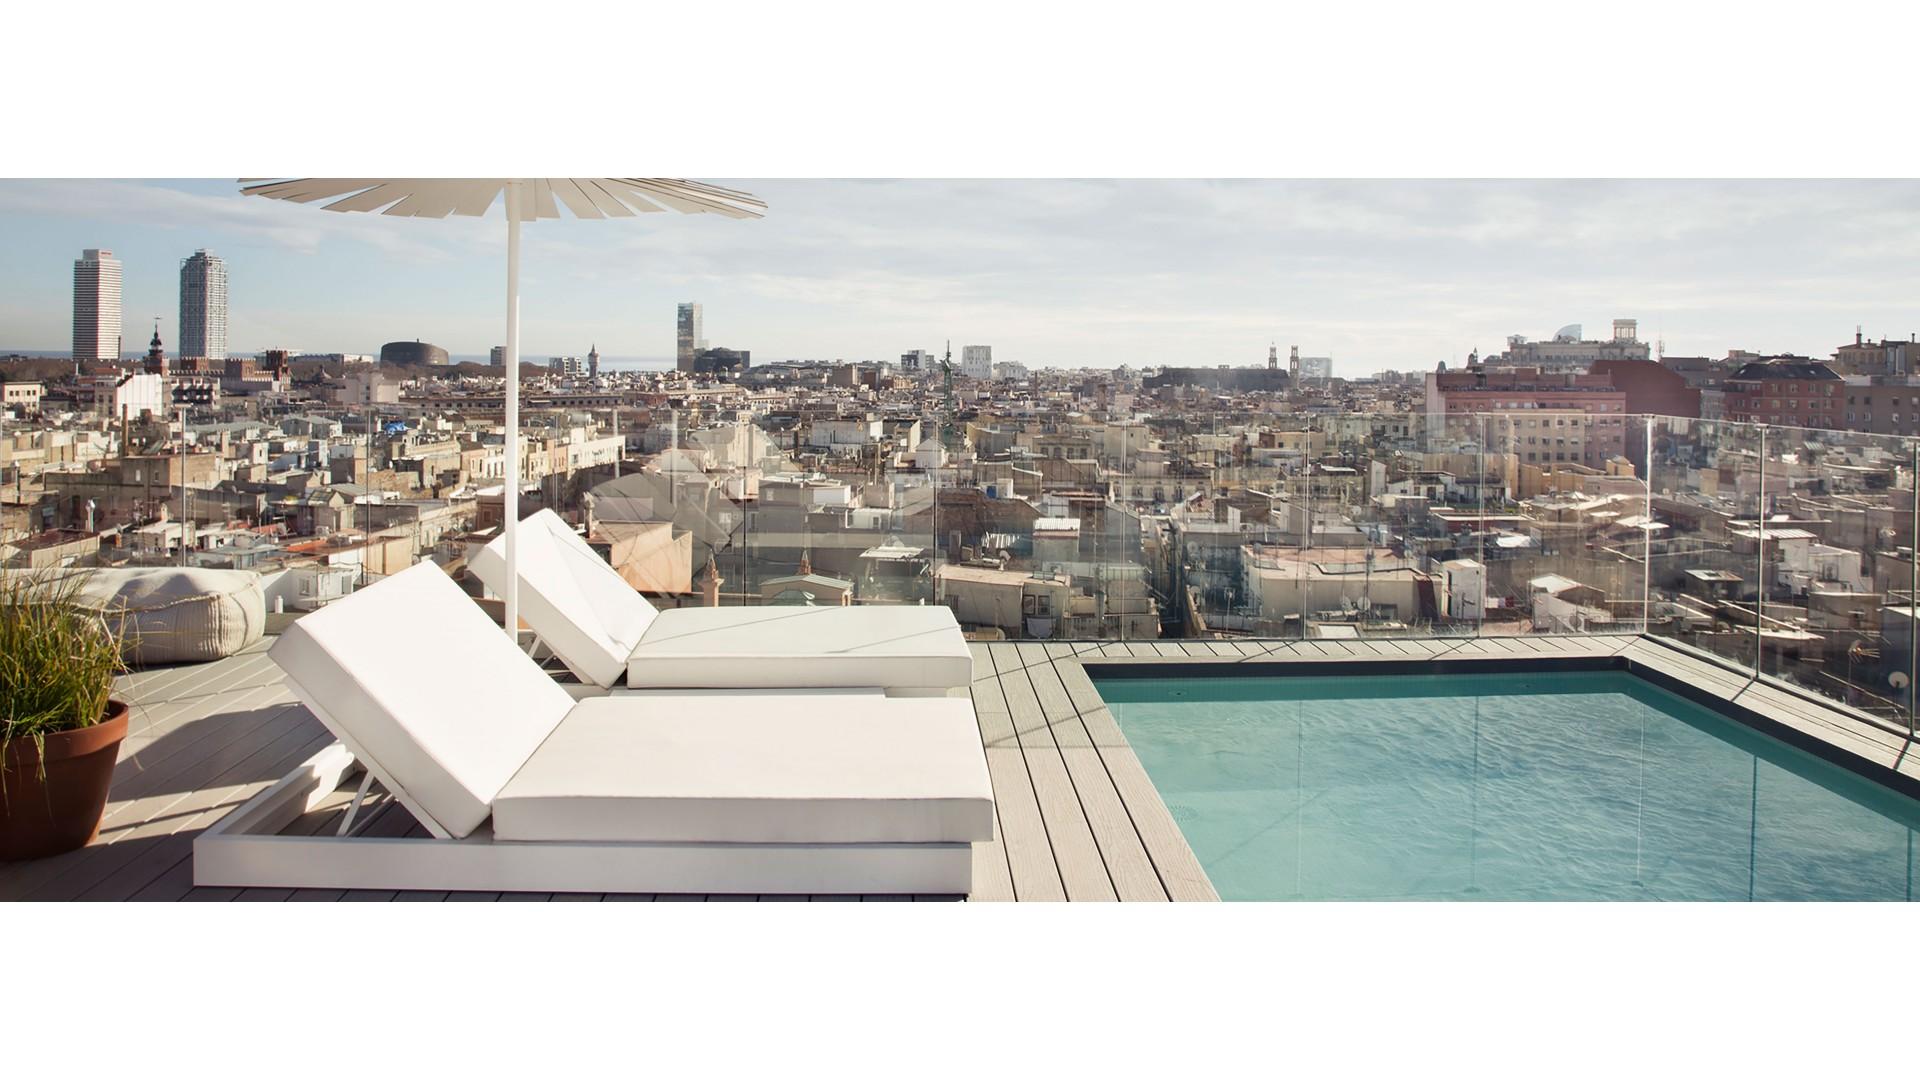 Yurbban Trafalgar Hotel Central Barcelona Barcelona Smith Hotels